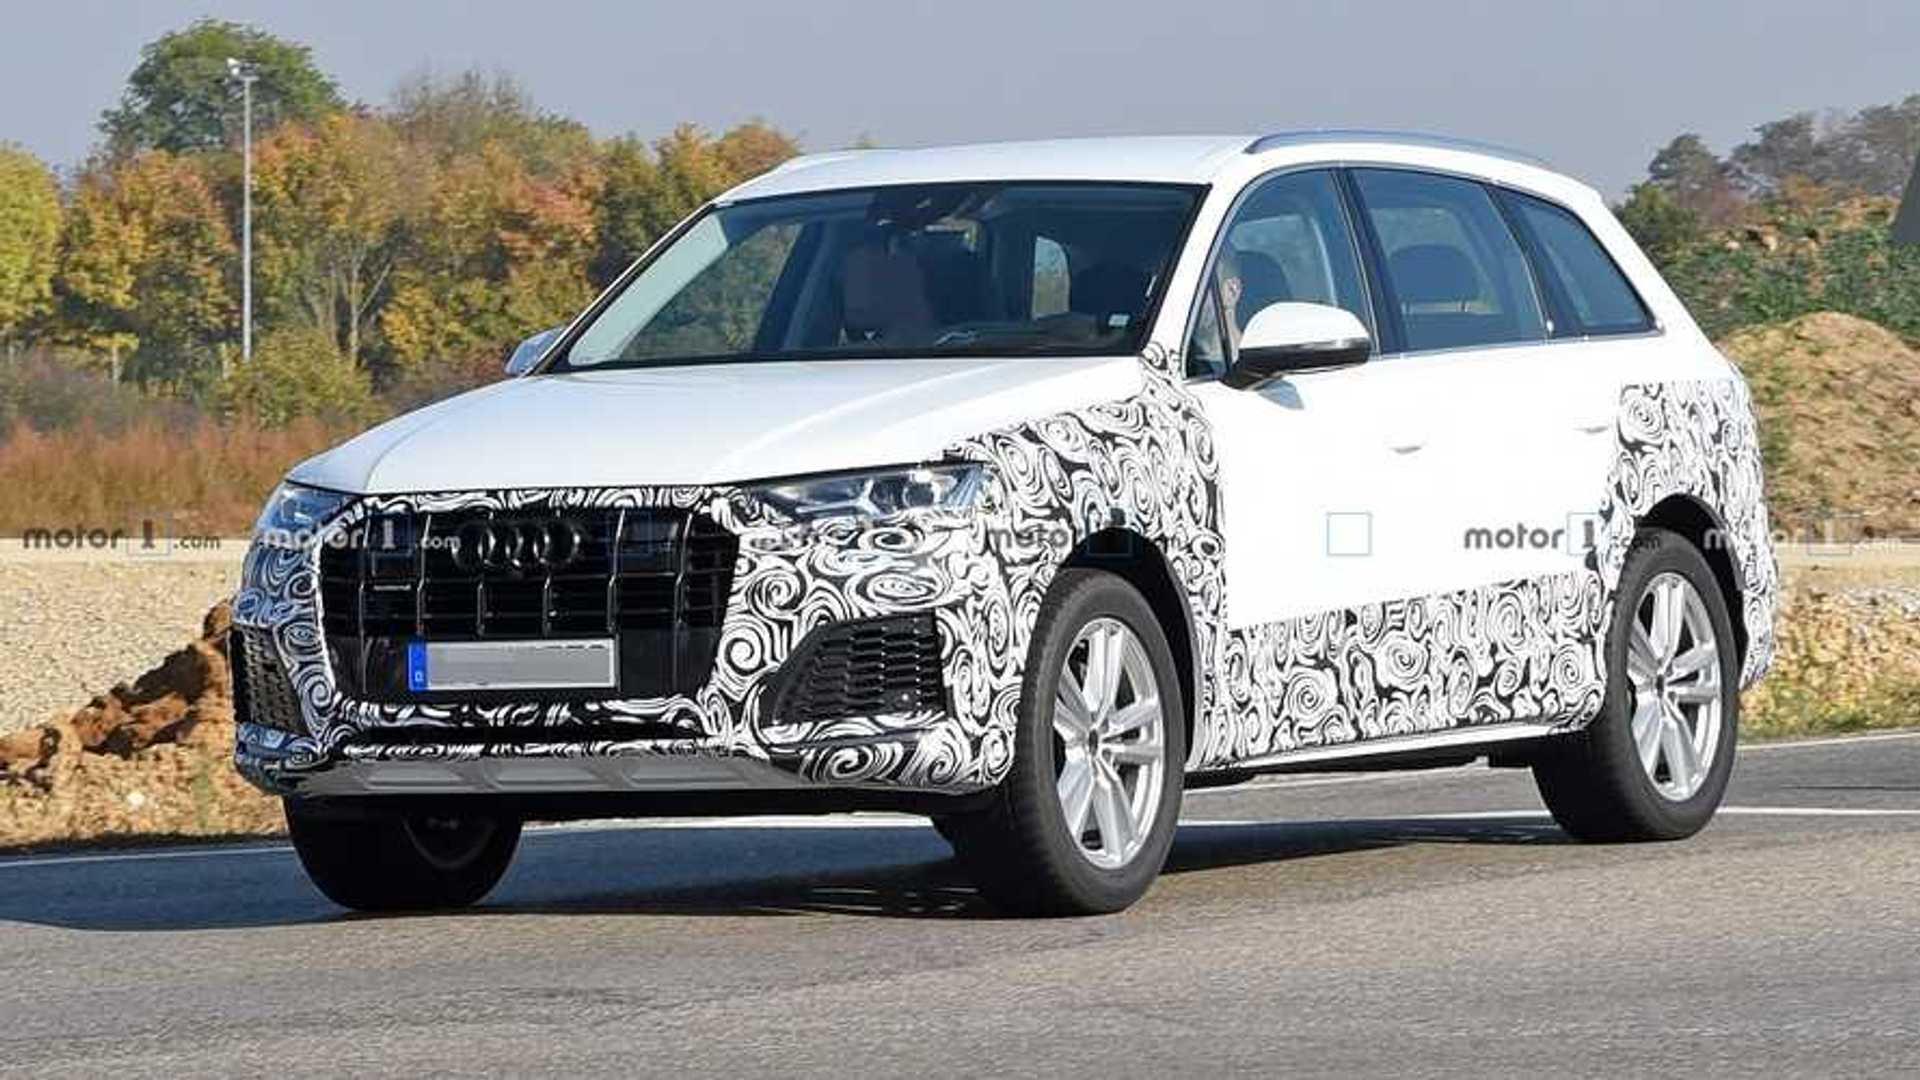 2020 - [Audi] Q7 restylé  Audi-q7-facelift-spy-photo